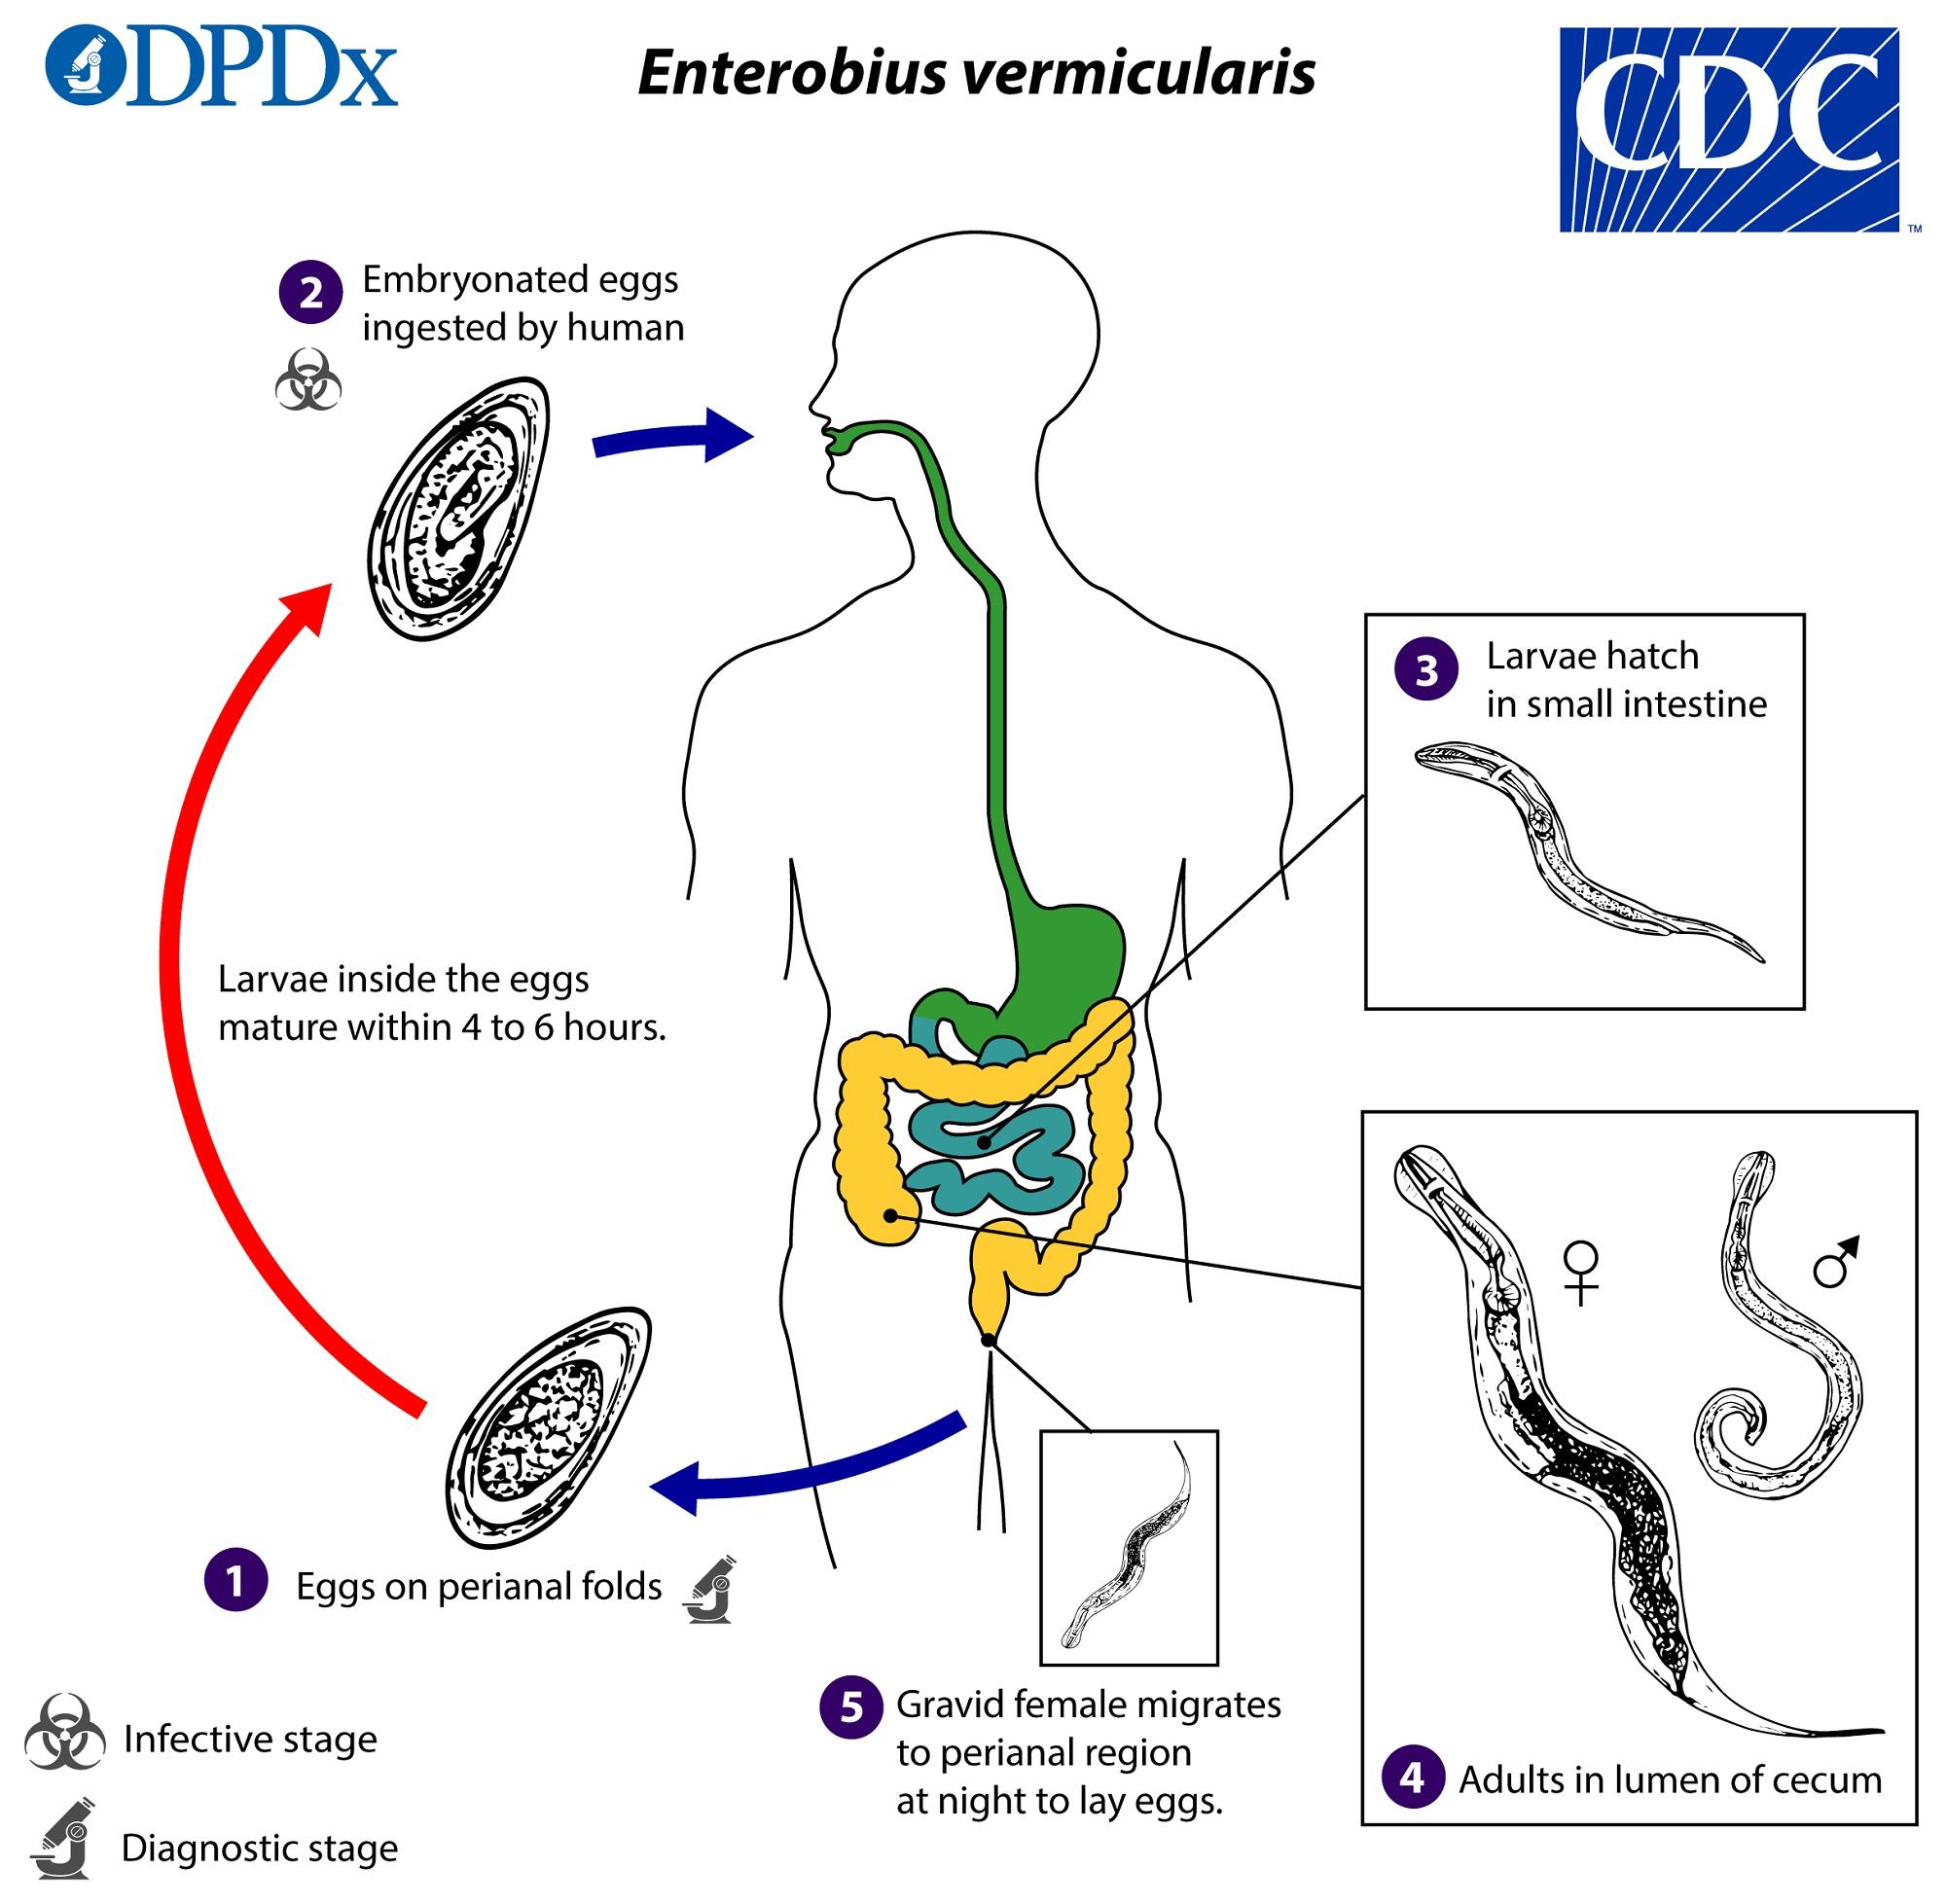 enterobius vermicularis ciclo de vida